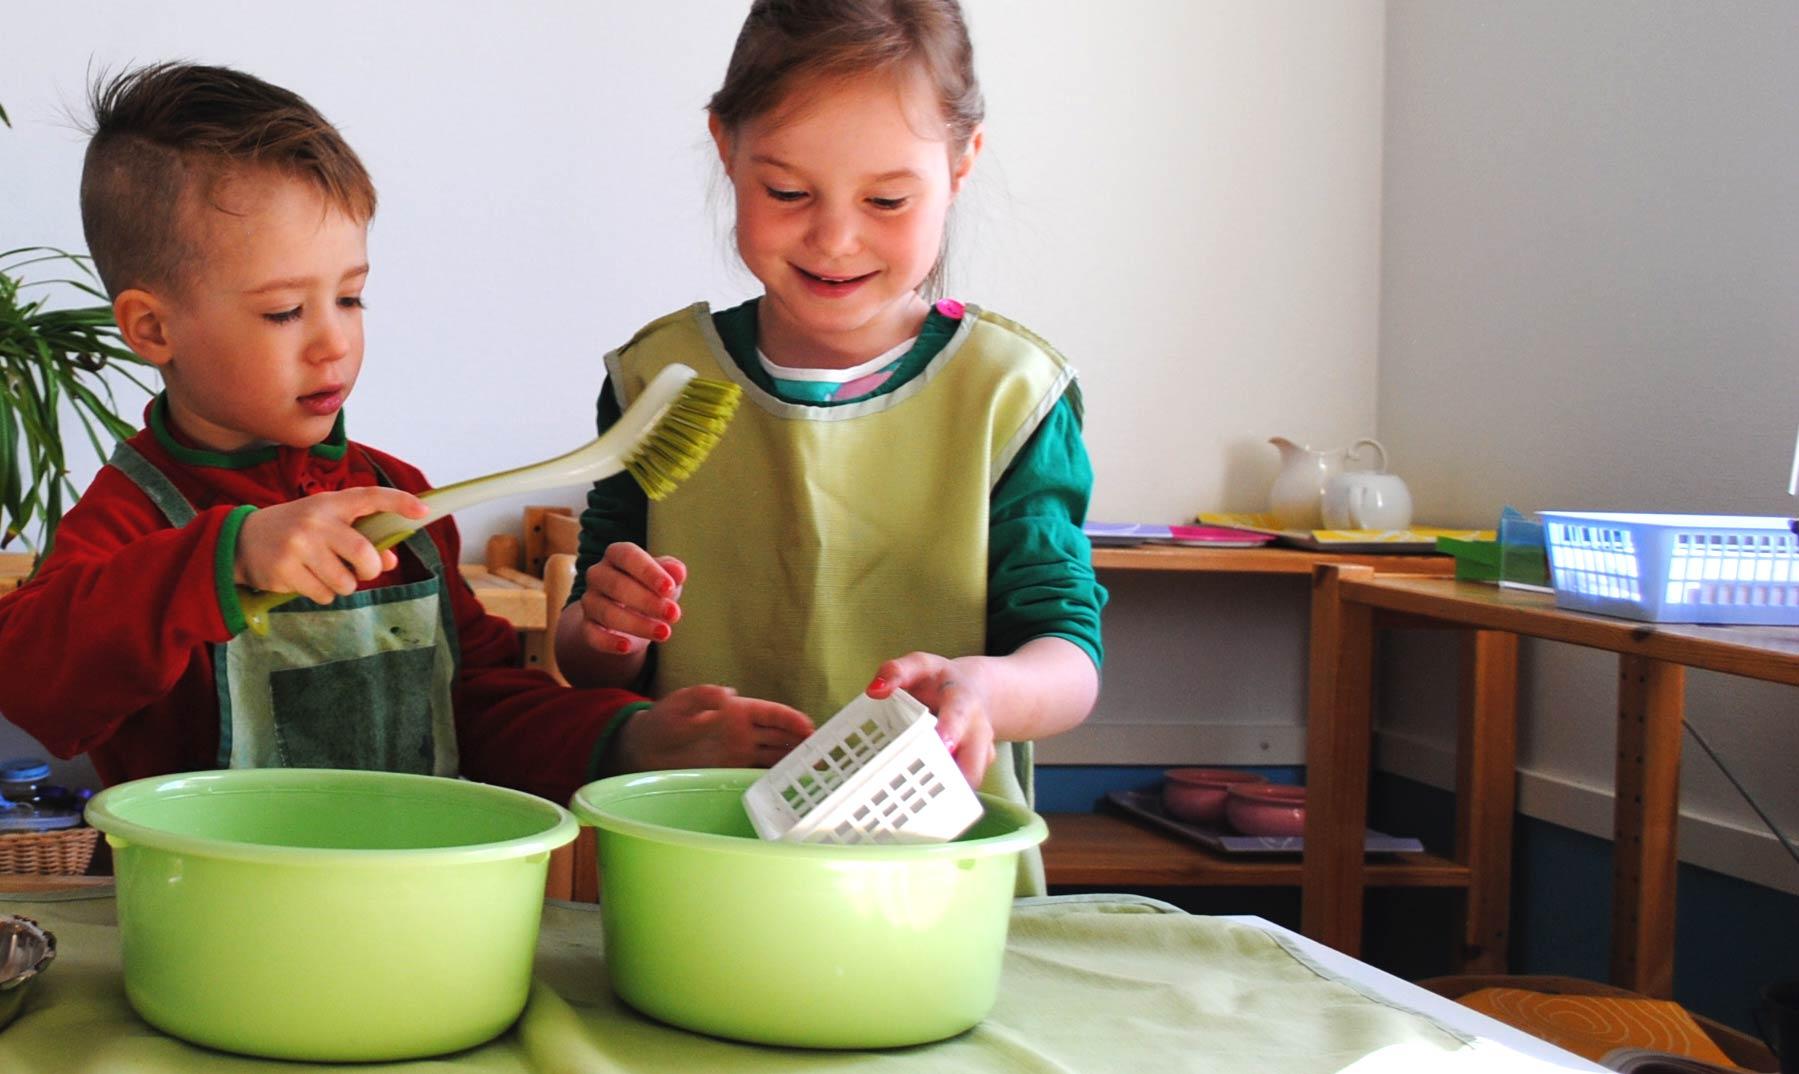 Vantaan Tikkurilassa toimiva Montessoripäiväkoti,